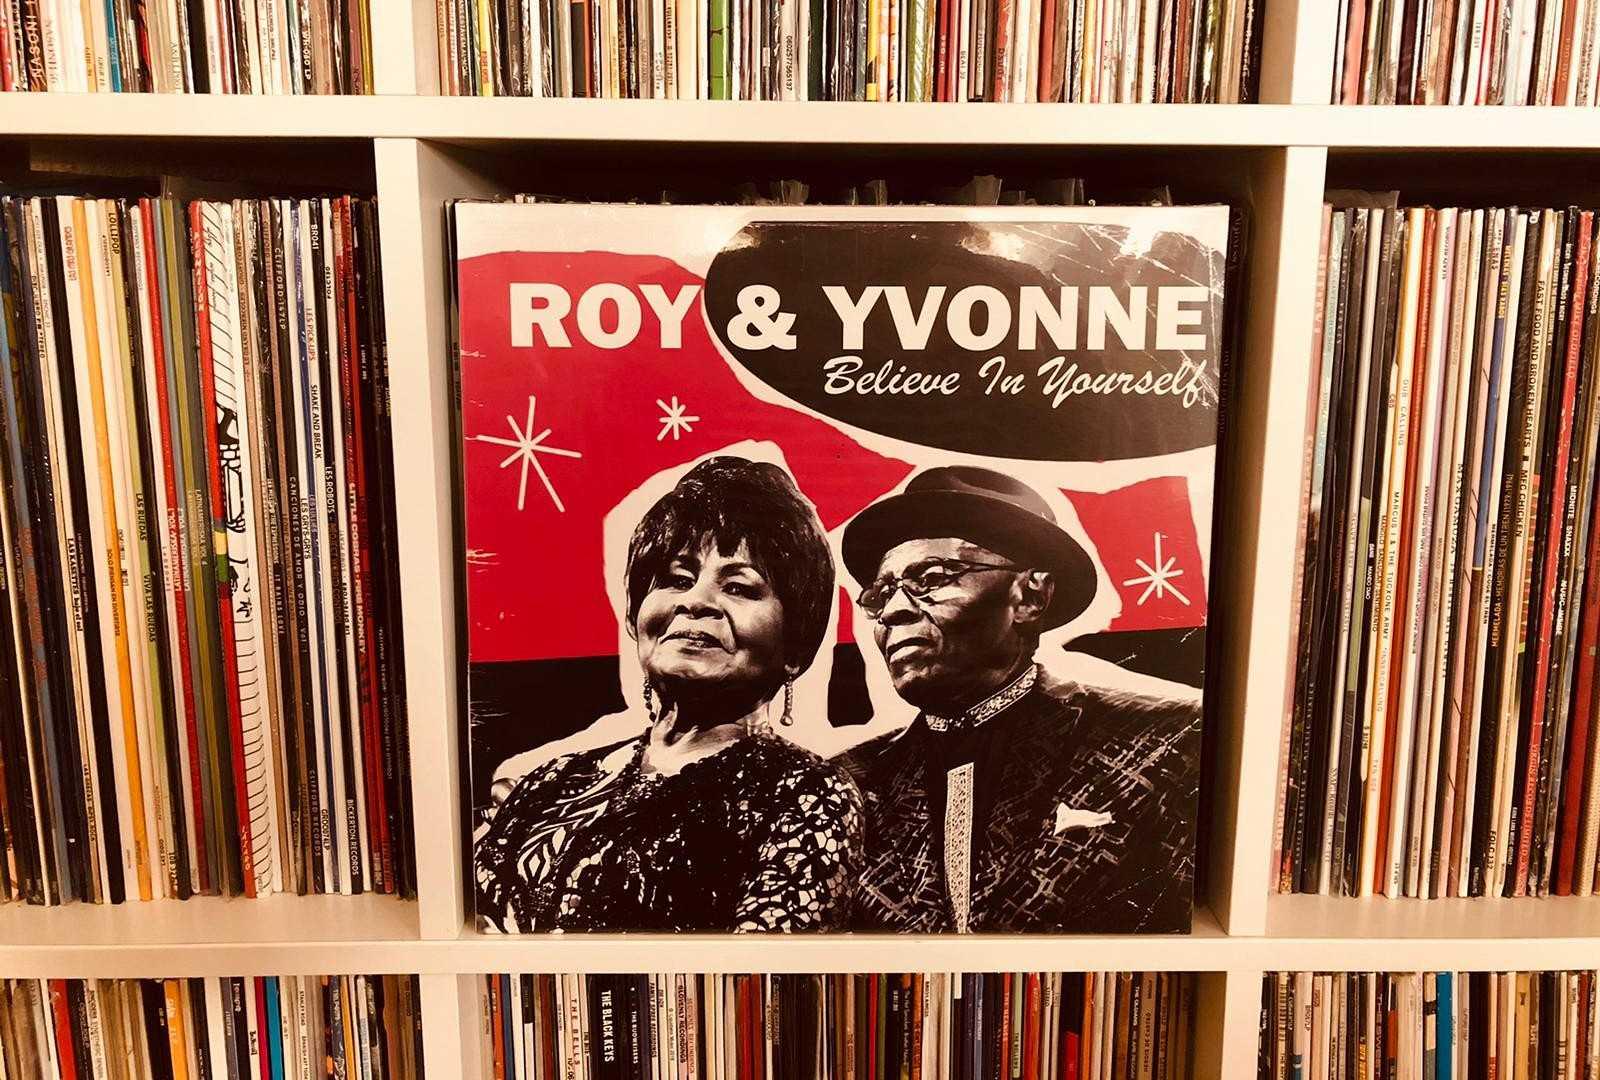 El Patillas Dj - Roy Panton & Yvonne Harrison y directos - 20/02/21 - escuchar ahora